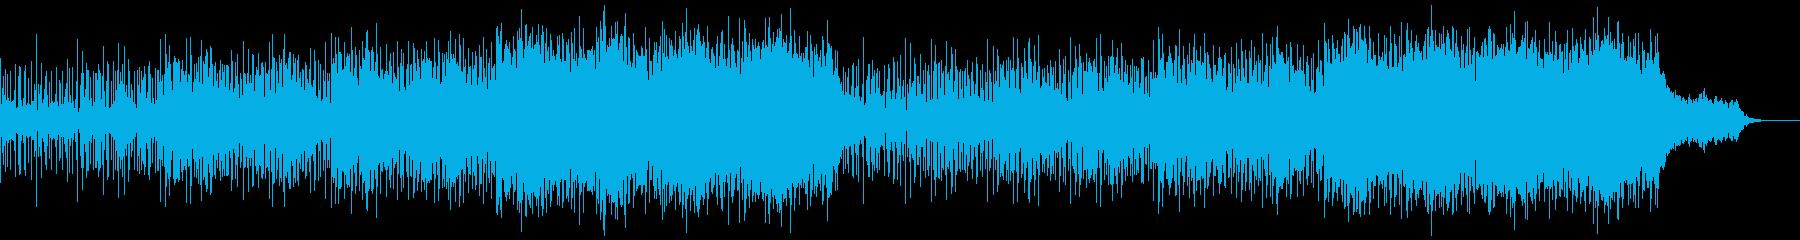 壮大なスケールのシネマティック系の曲の再生済みの波形